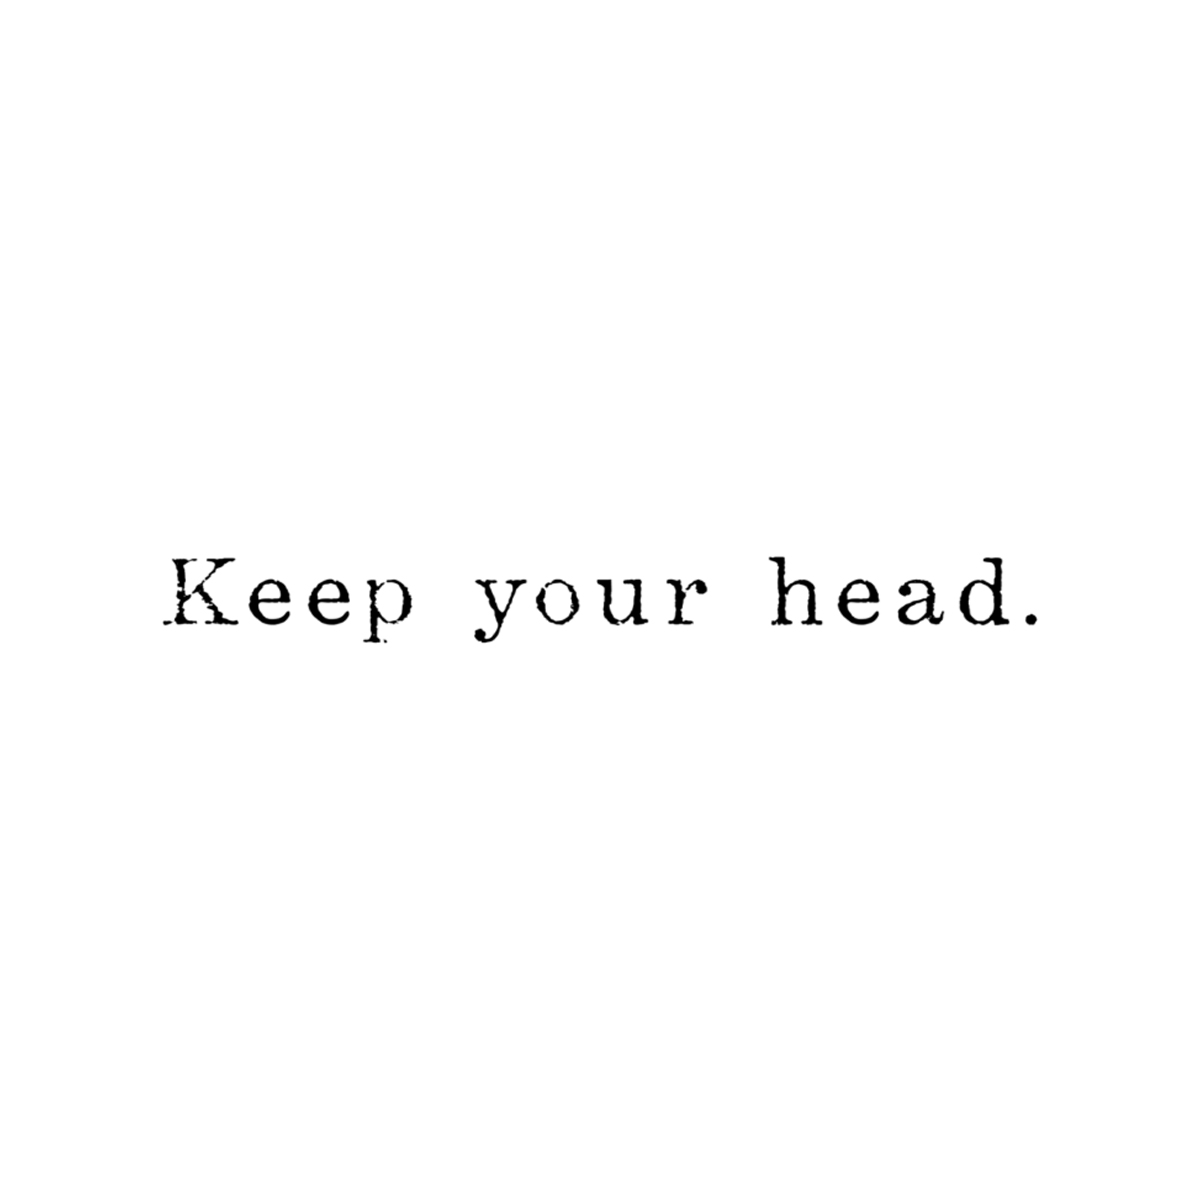 Keep Your Head.jpg